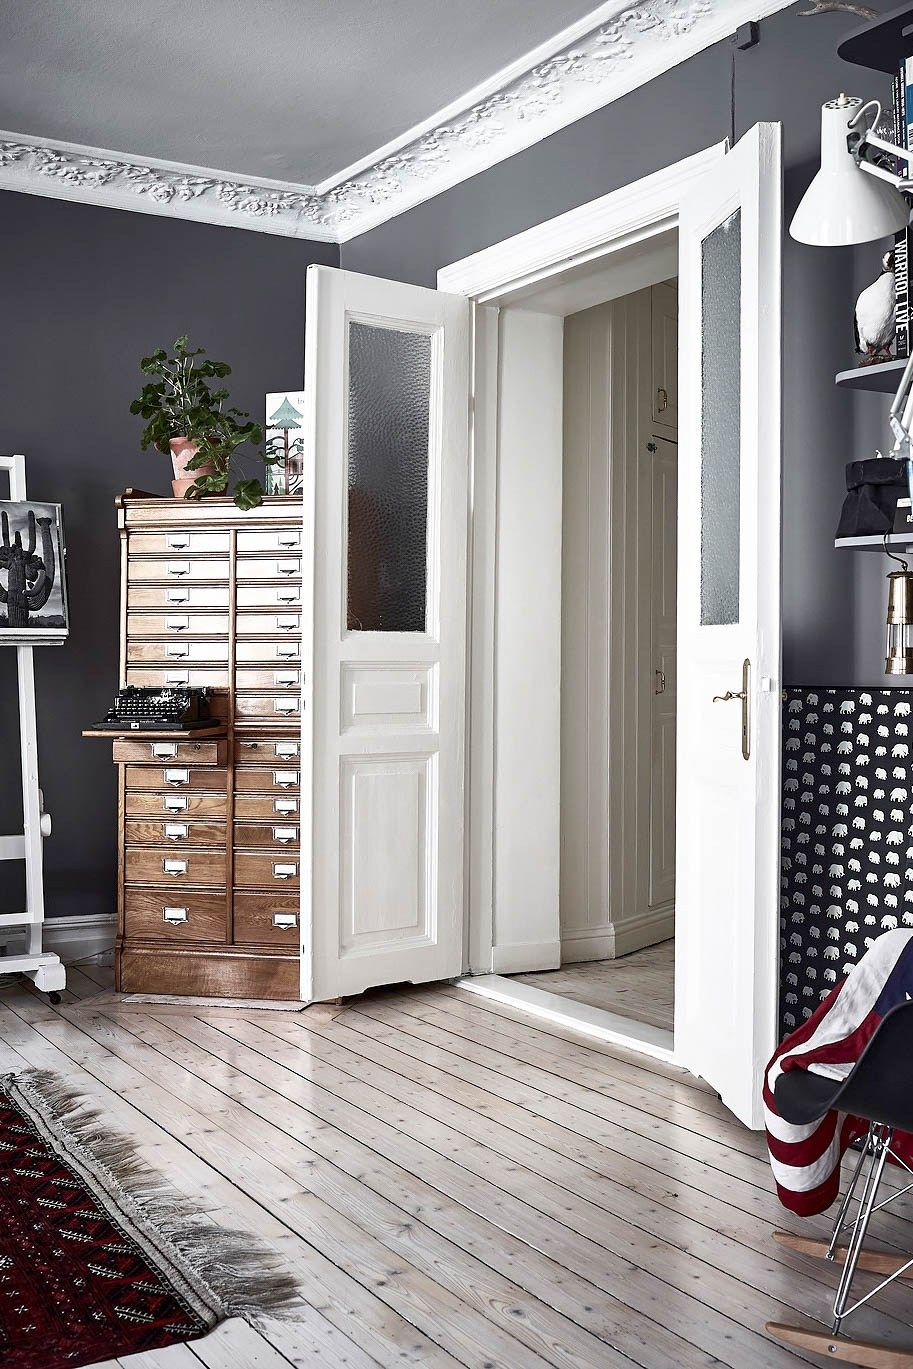 aufger umt mit system um sch n wohnen zu k nnen brauchen wir platz und ordnung und folglich. Black Bedroom Furniture Sets. Home Design Ideas